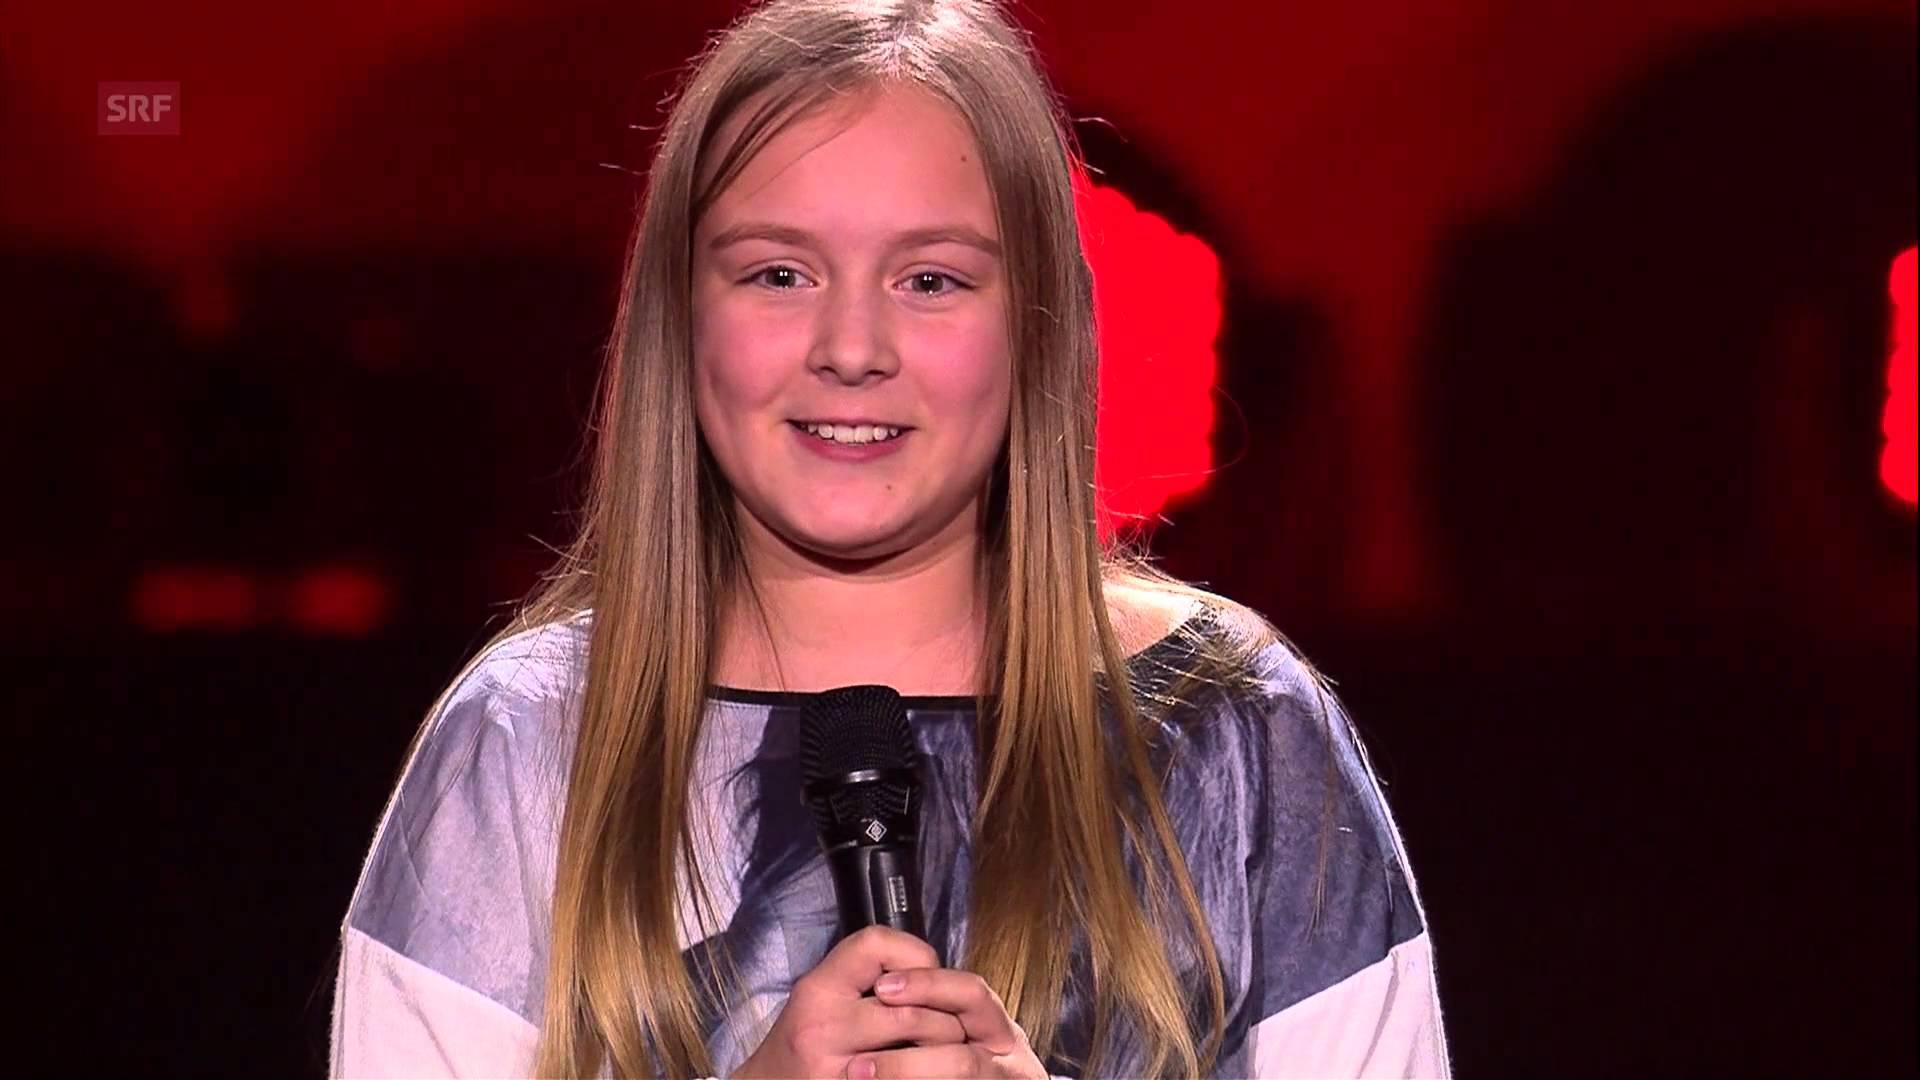 Čudo od djeteta: Linu, djevojčicu bosanskih korijena u talent takmičenju u Švicarskoj odmah poslali u polufinale, sada osvaja njemački show!